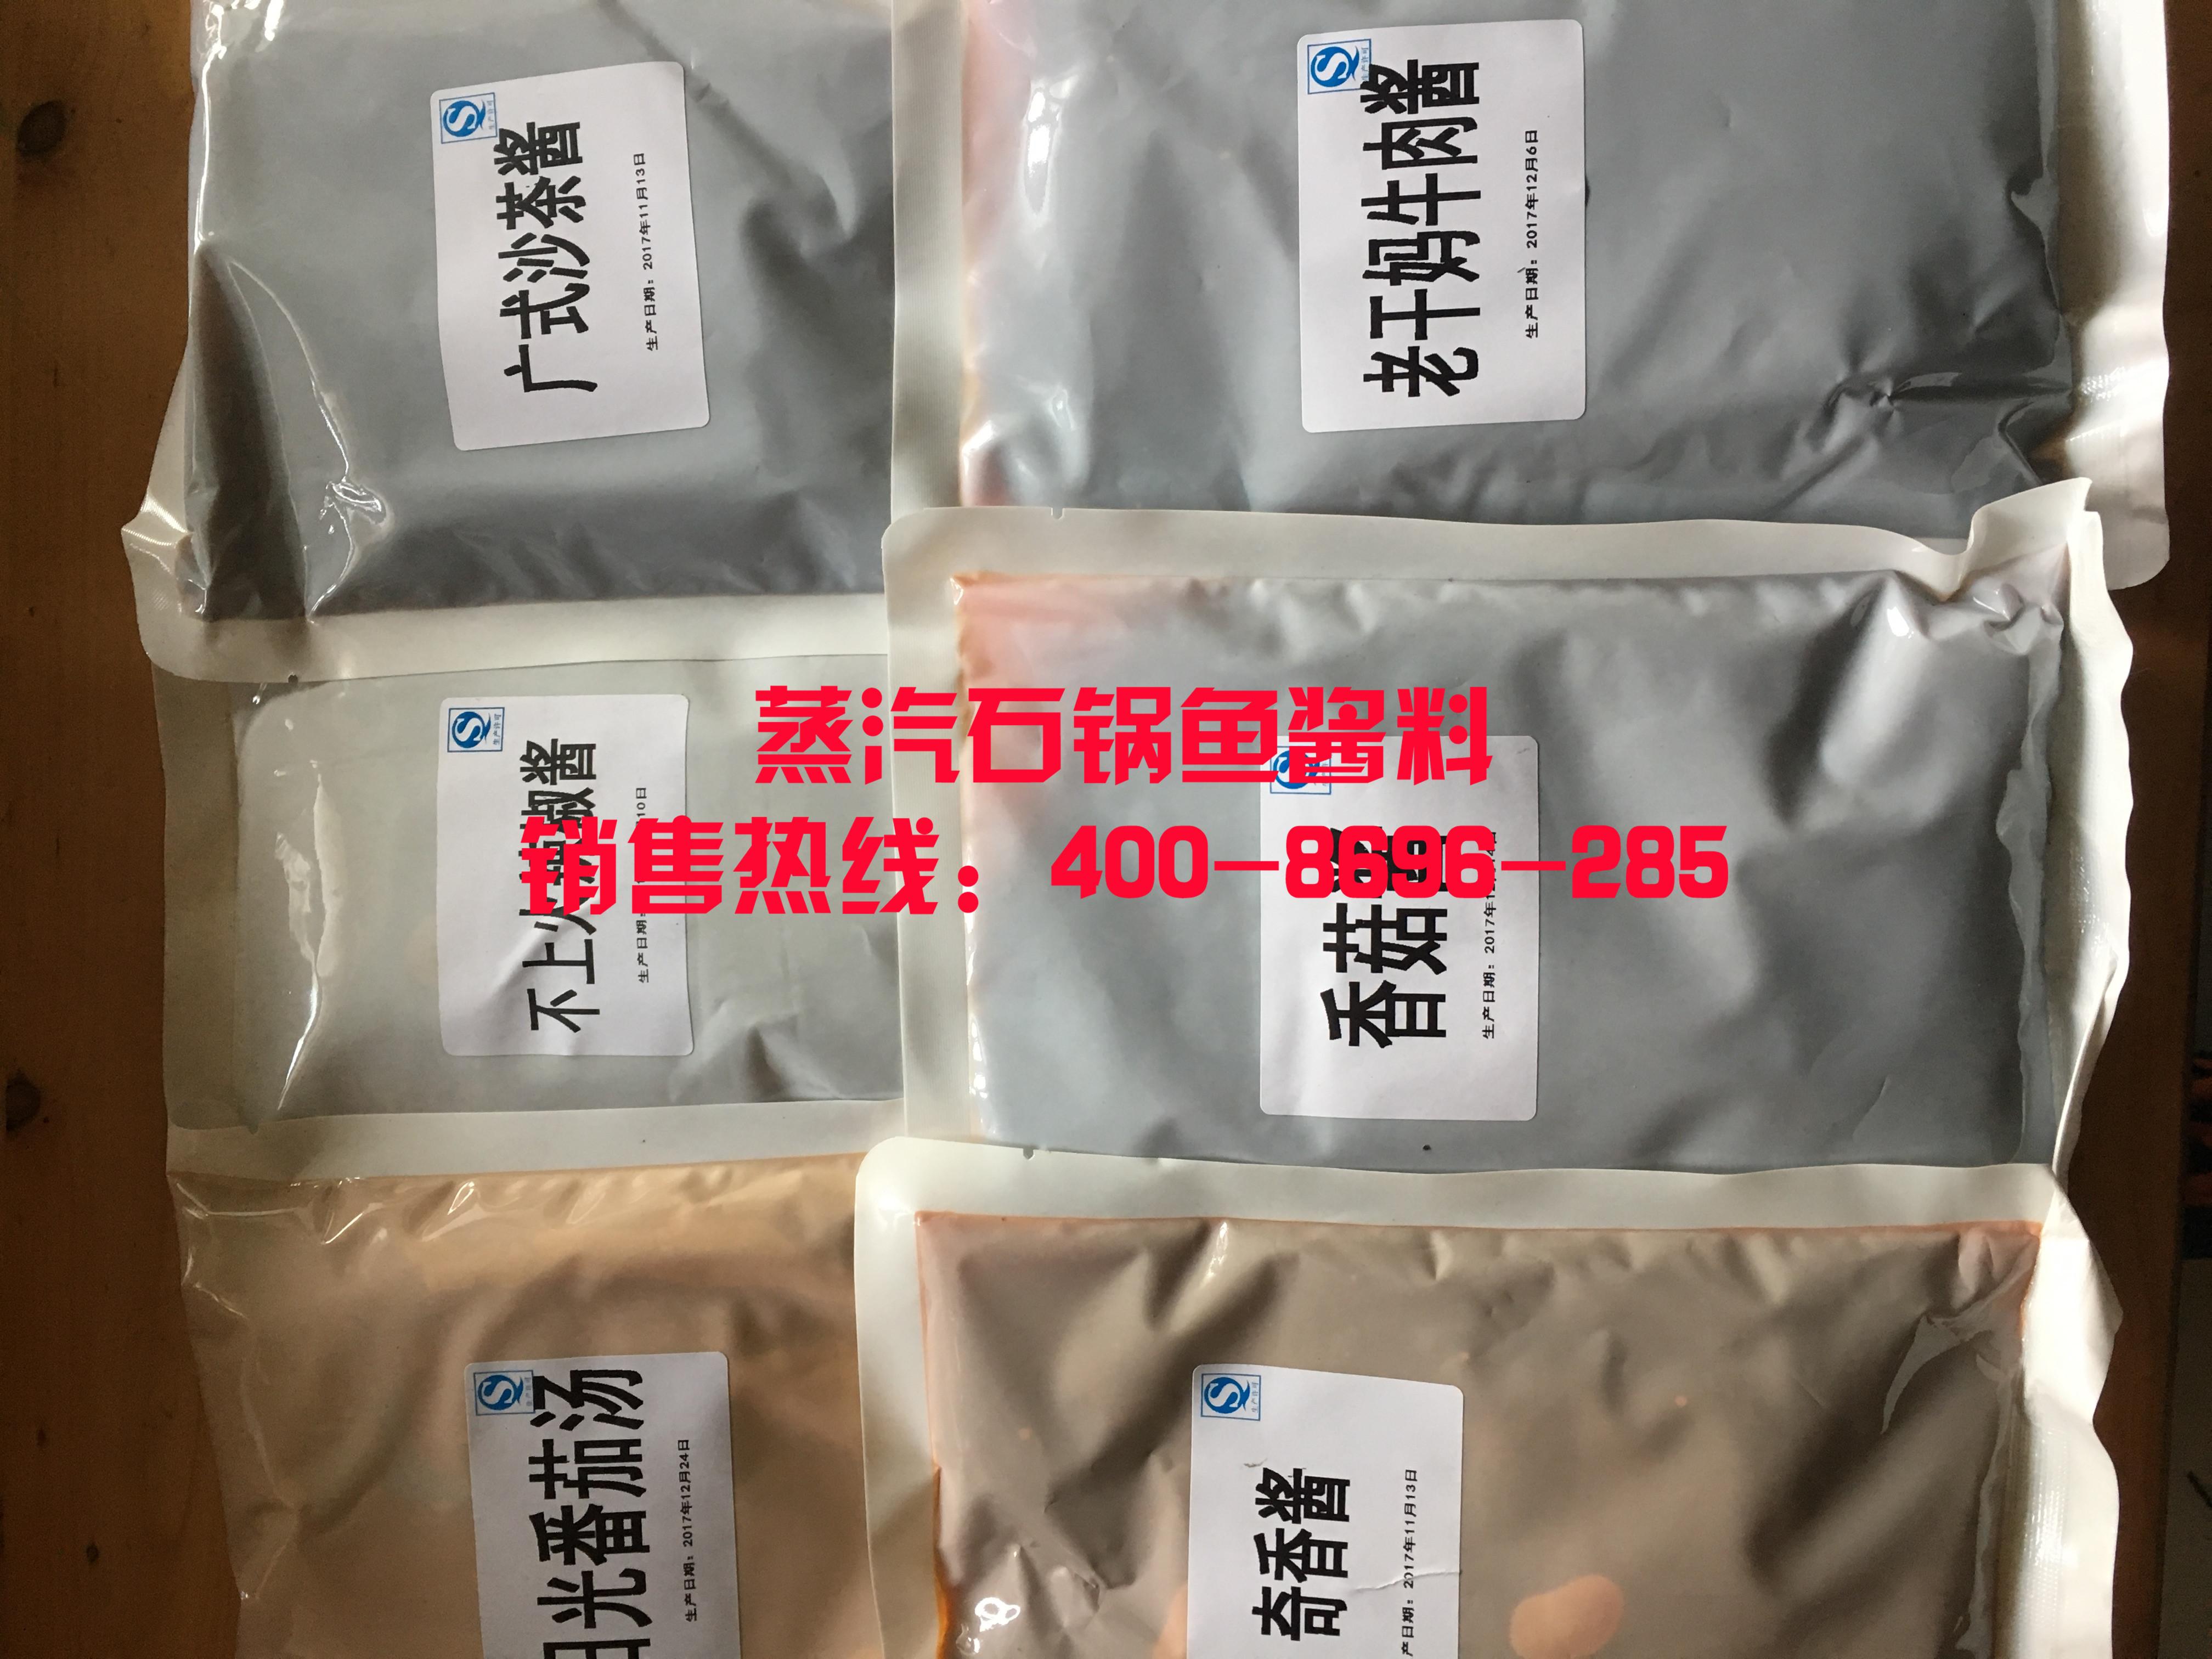 天津蒸汽石锅鱼涮菜粉大全、加盟电话、价格【河南雅诺餐饮管理有限公司】